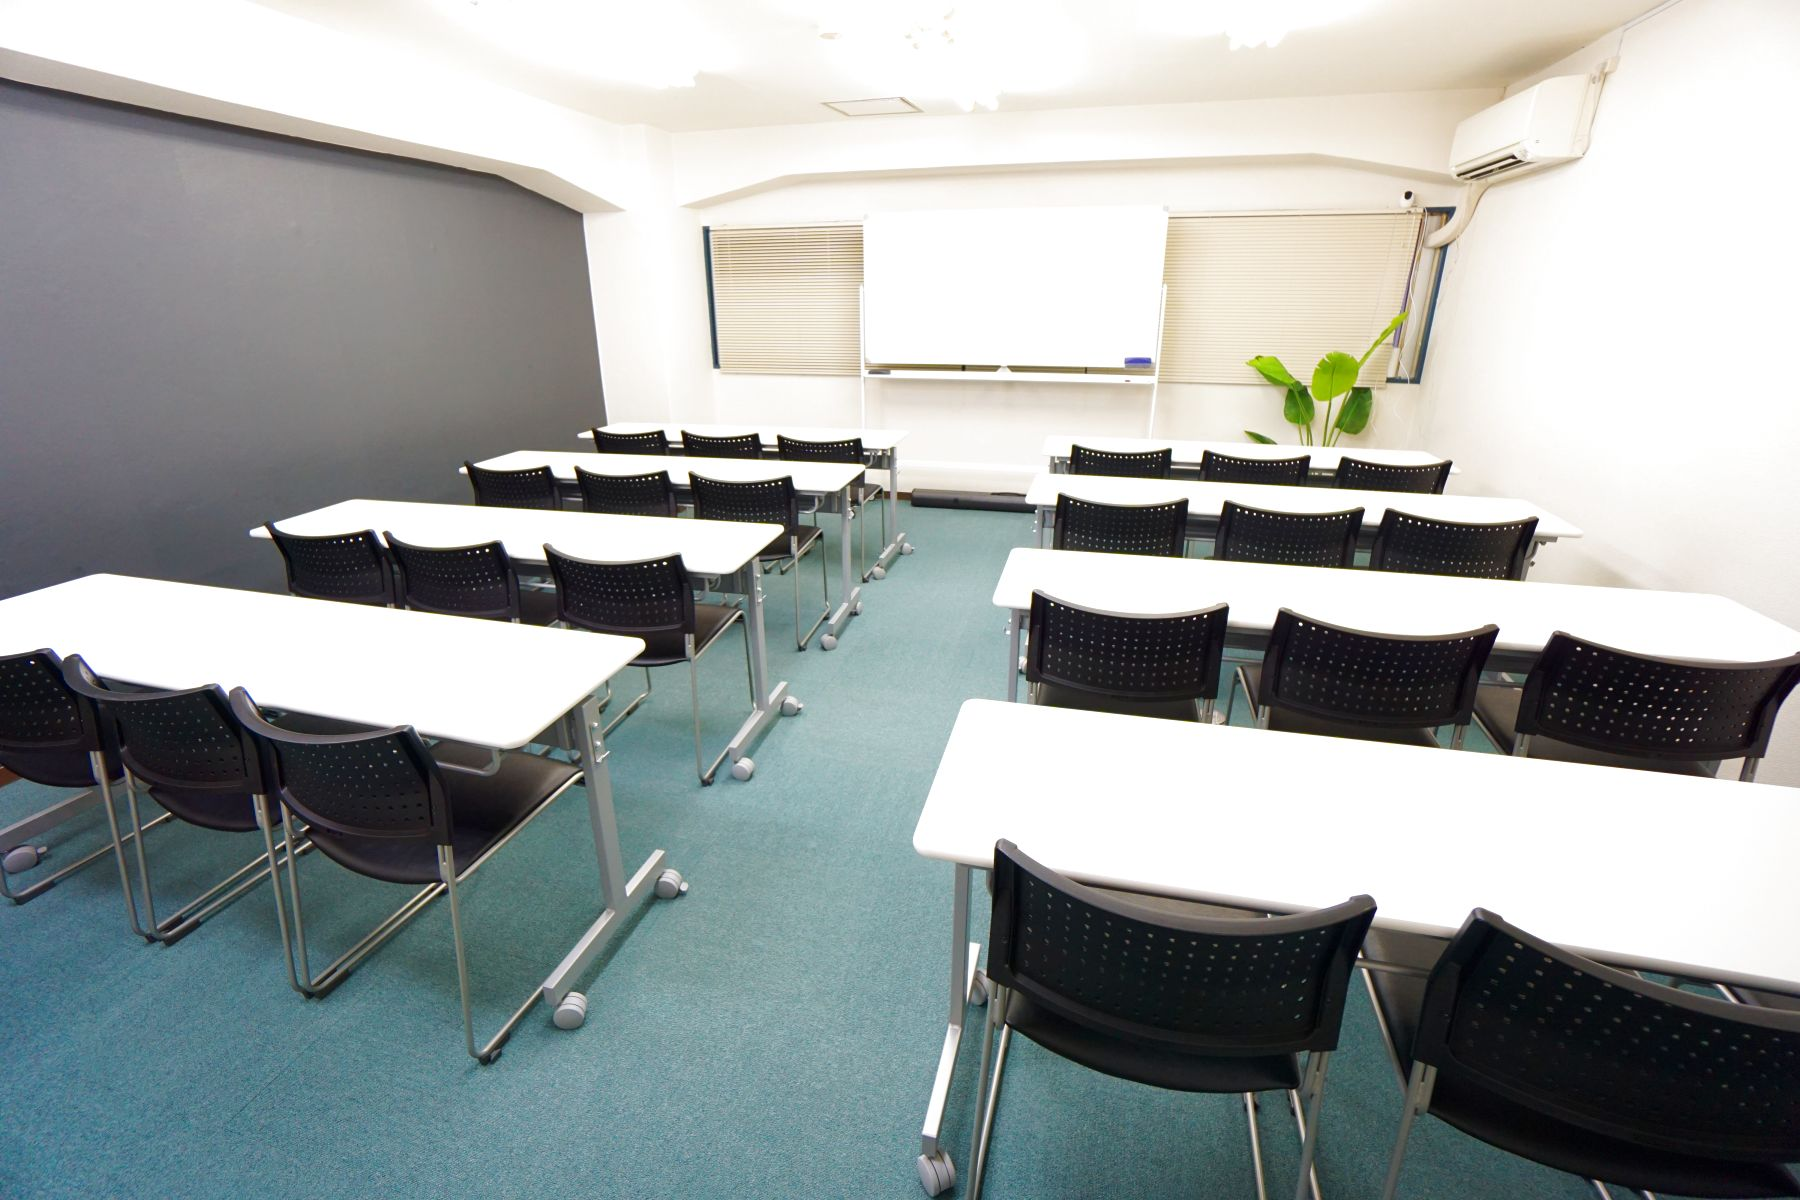 【ホルン会議室】 プロジェクタ無料の貸し会議室♪の室内の写真 (1/12)